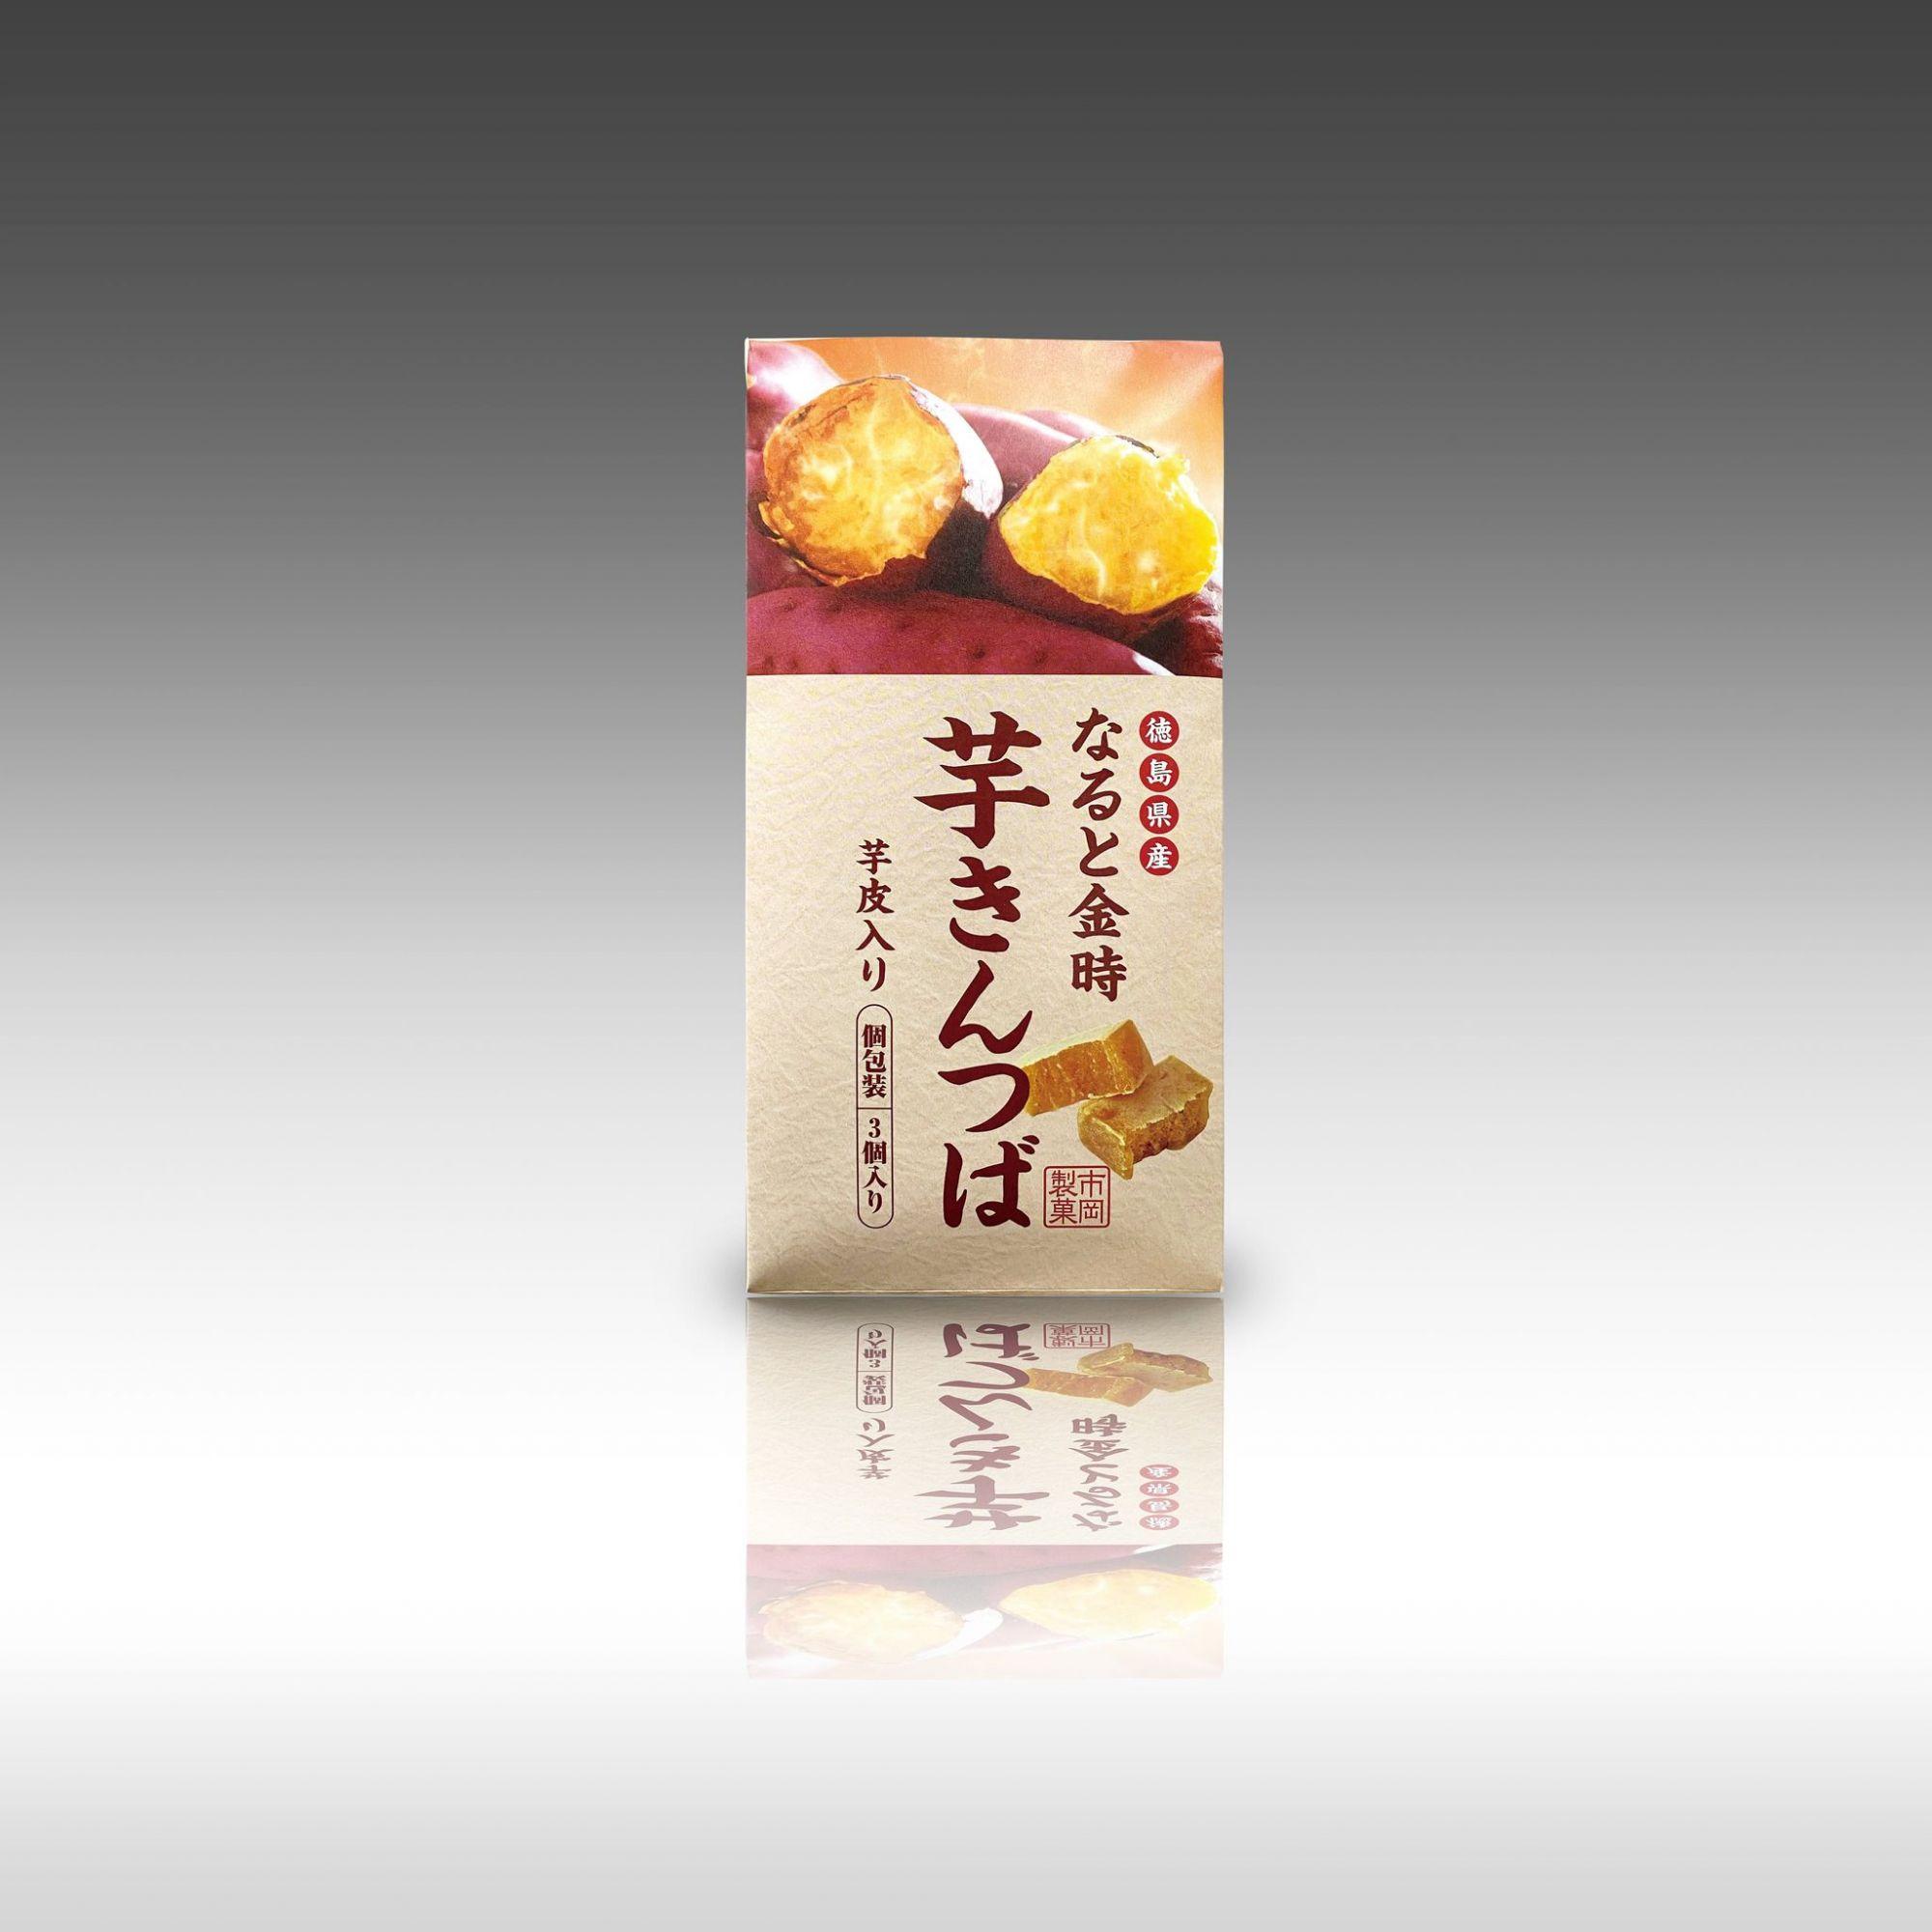 【スーパーに買いに来る人が好むパッケージの2大特徴】~市岡製菓さんの なると金時 芋きんつばが大人気出荷中~